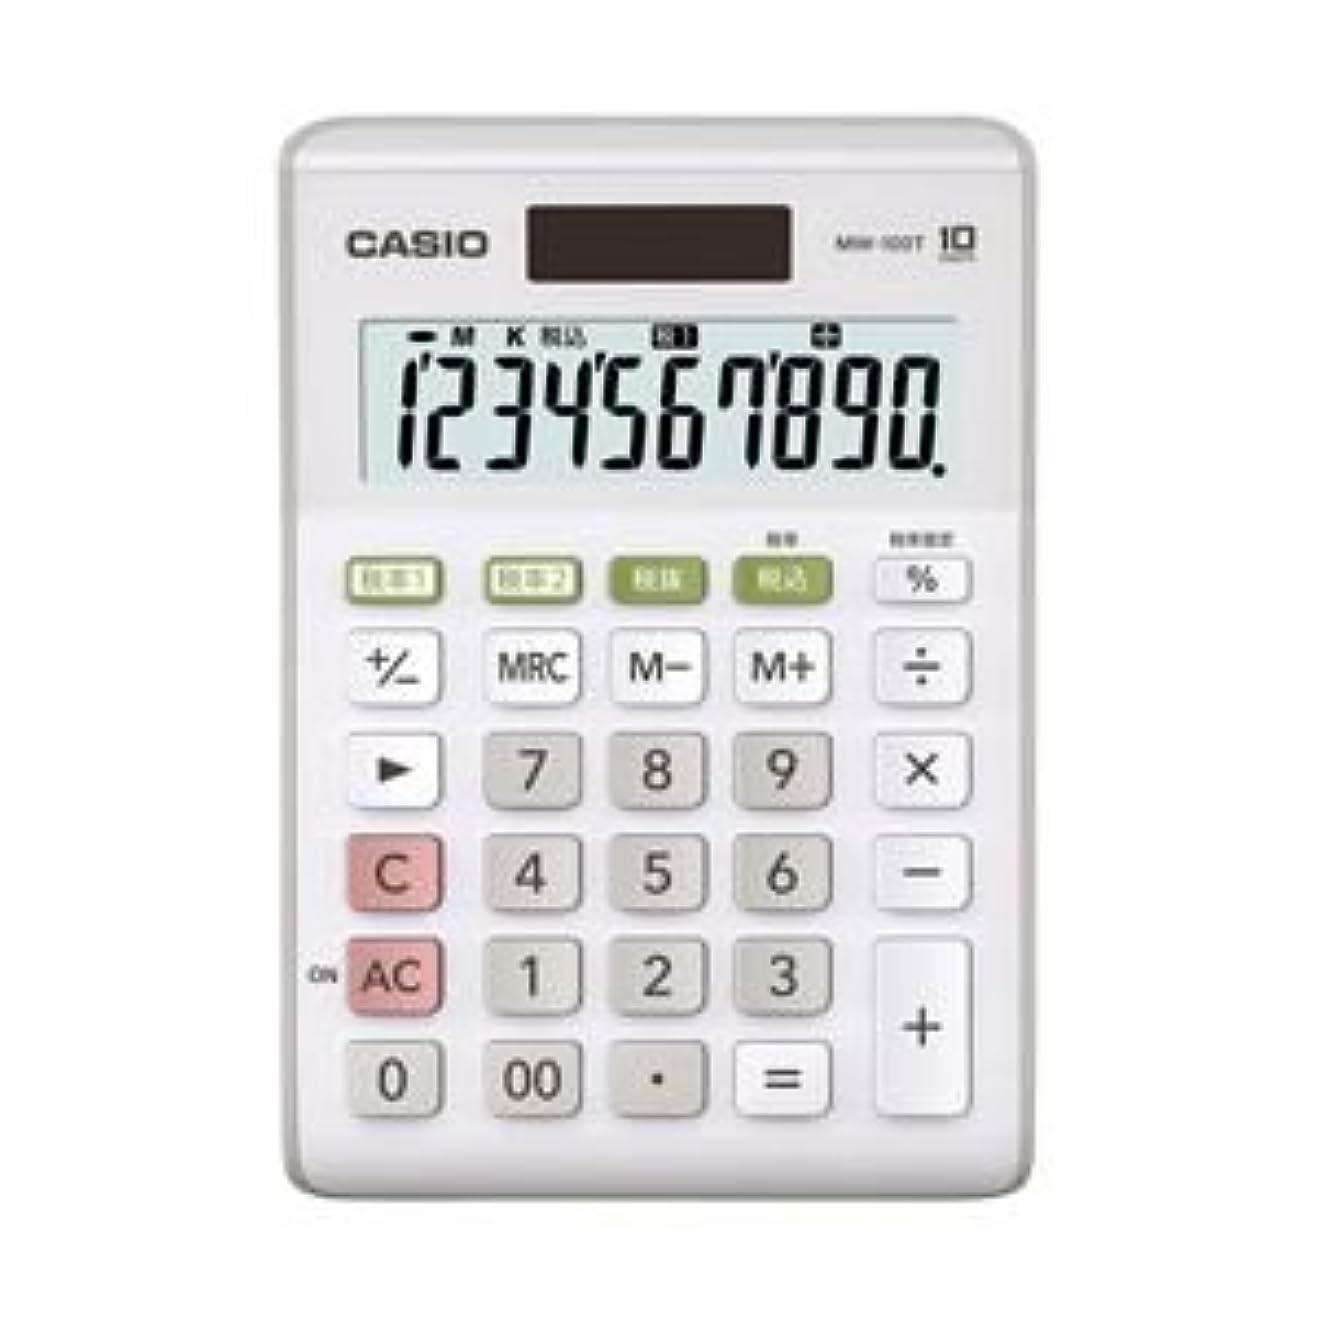 チャーミング代替案安全性(業務用セット) カシオ(CASIO) W税率対応電卓 小型電卓 10桁 縦14.7×横10.3×厚さ2.9cm MW-100T-WE-N 1個 【×3セット】 生活用品 インテリア 雑貨 文具 オフィス用品 電卓 14067381 [並行輸入品]